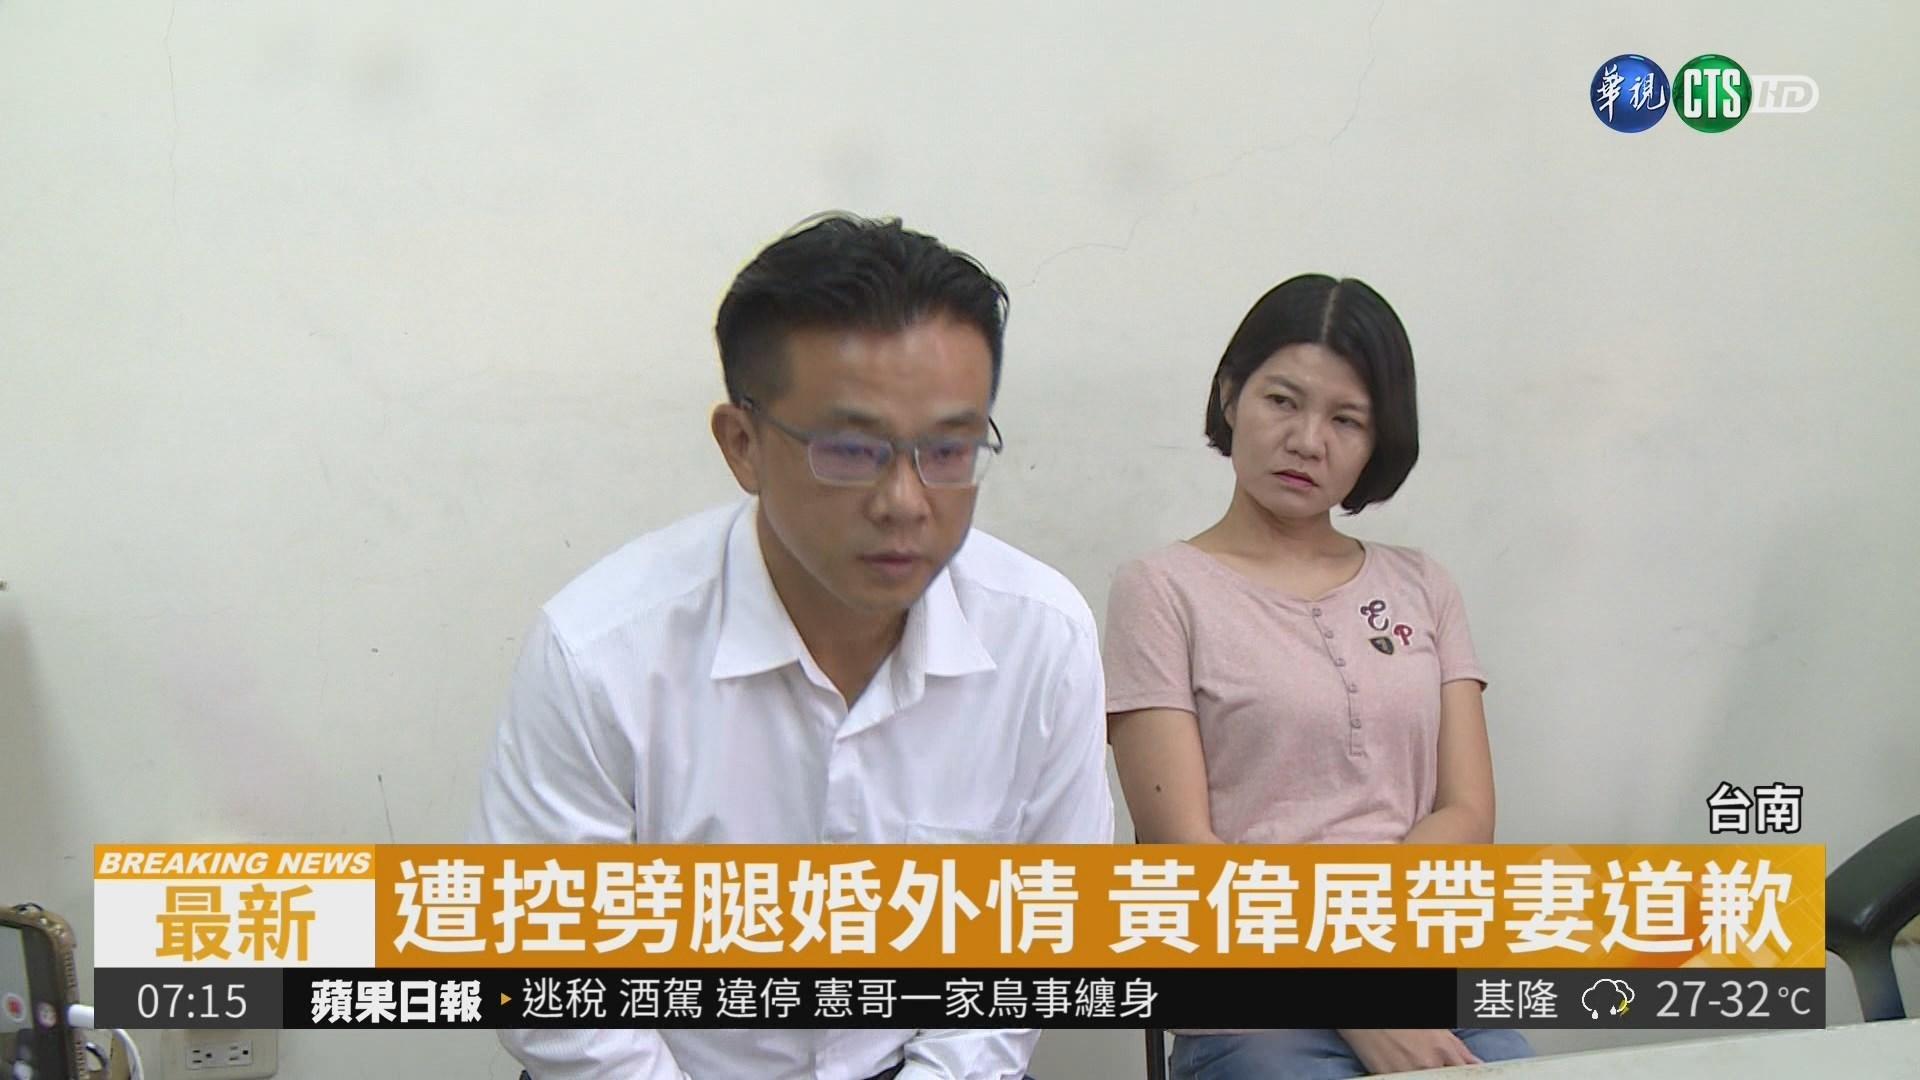 黃偉展外遇+劈腿 宣布退選議員